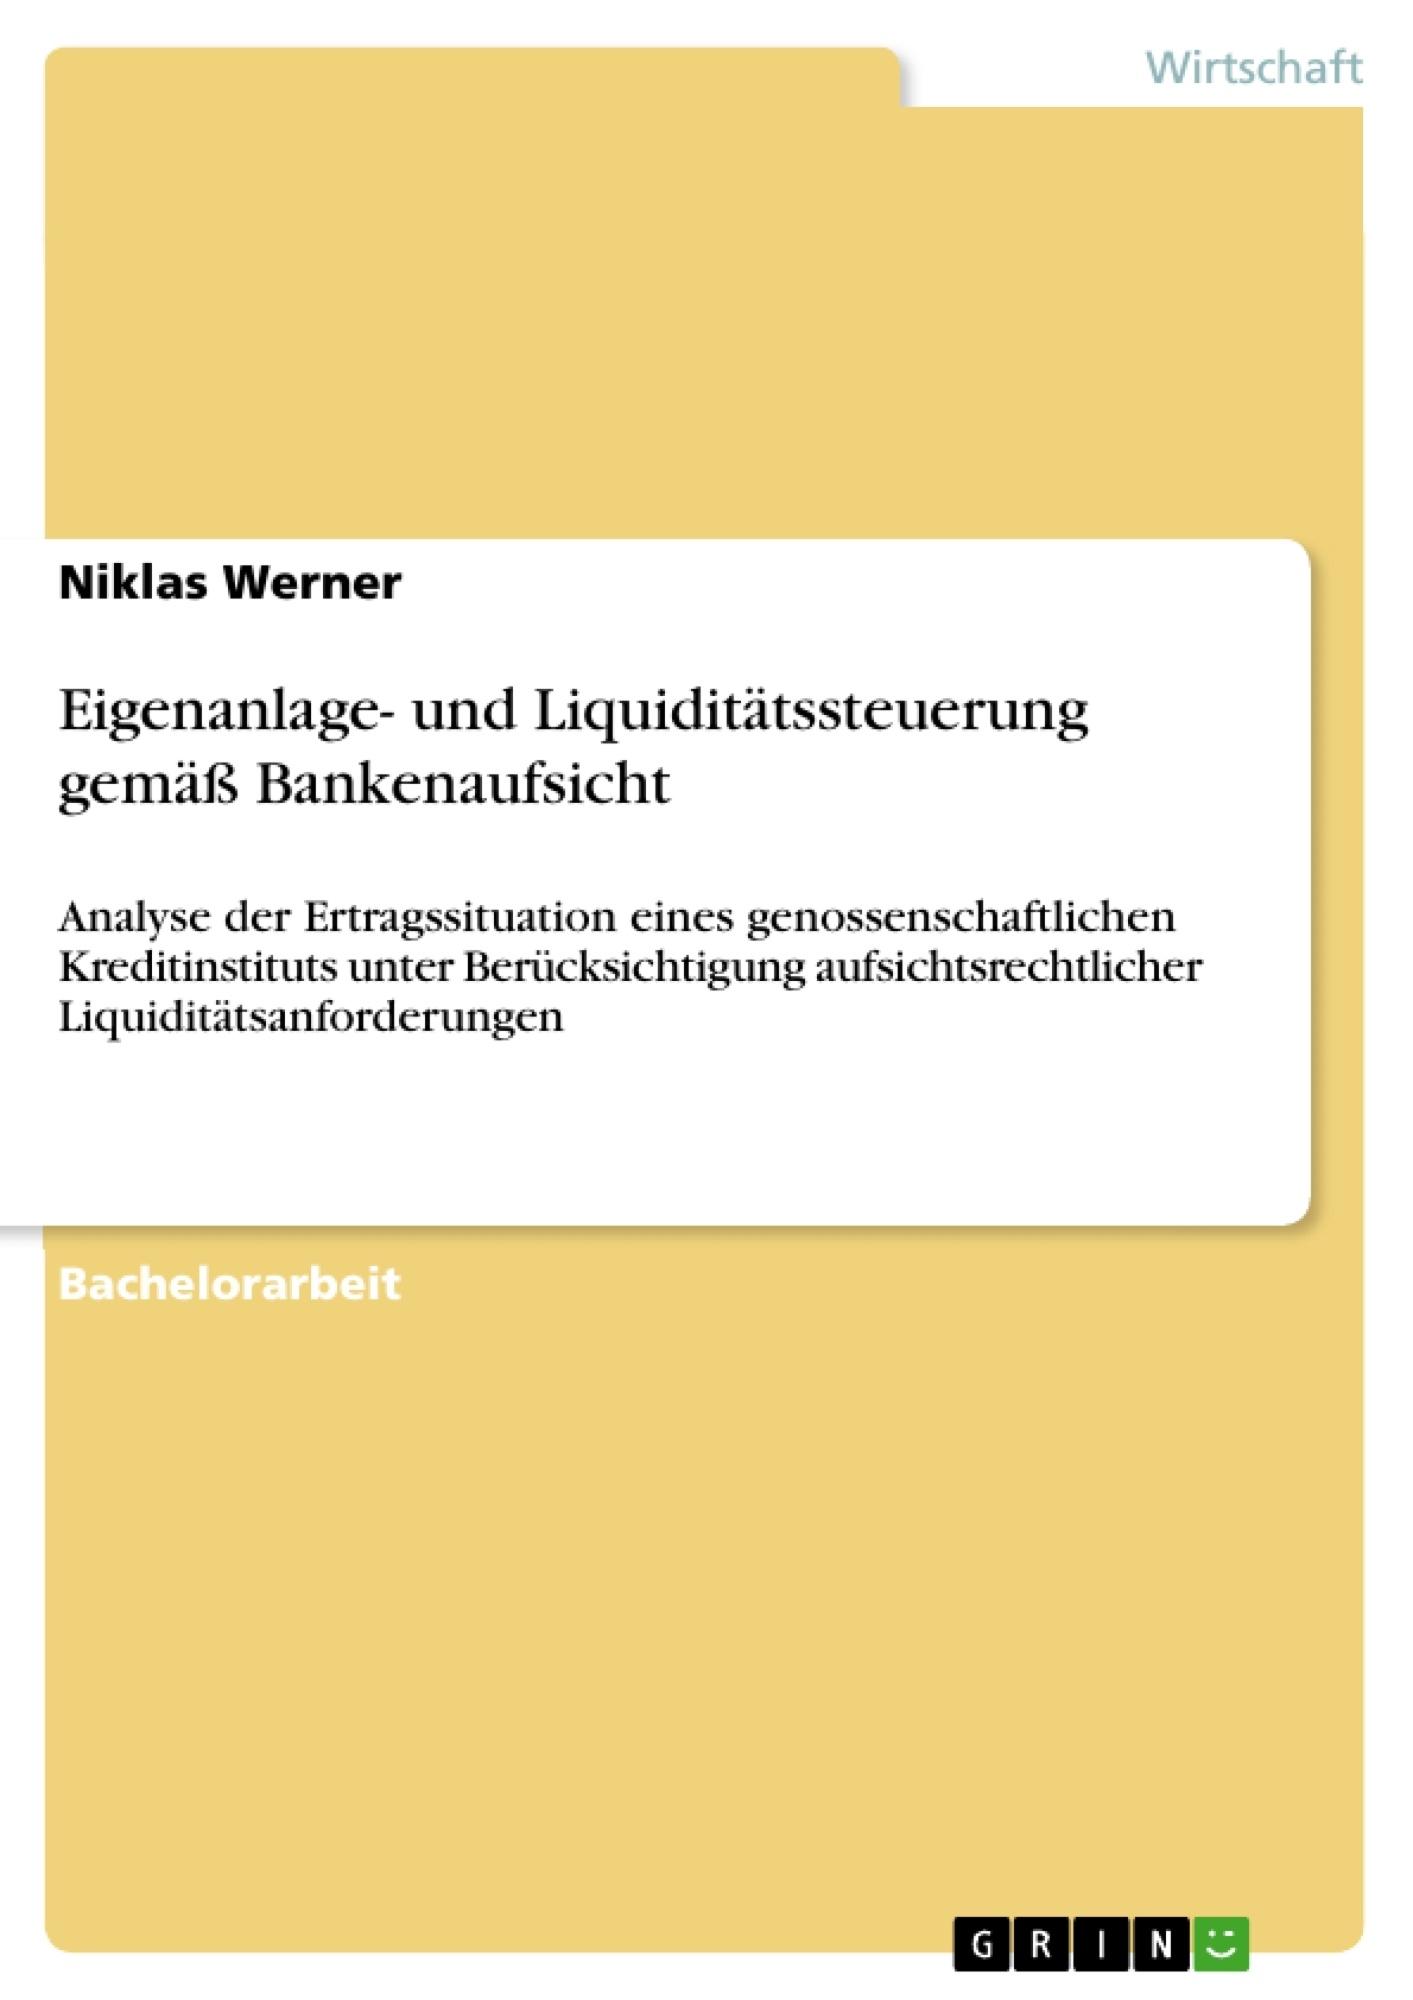 Titel: Eigenanlage- und Liquiditätssteuerung gemäß Bankenaufsicht